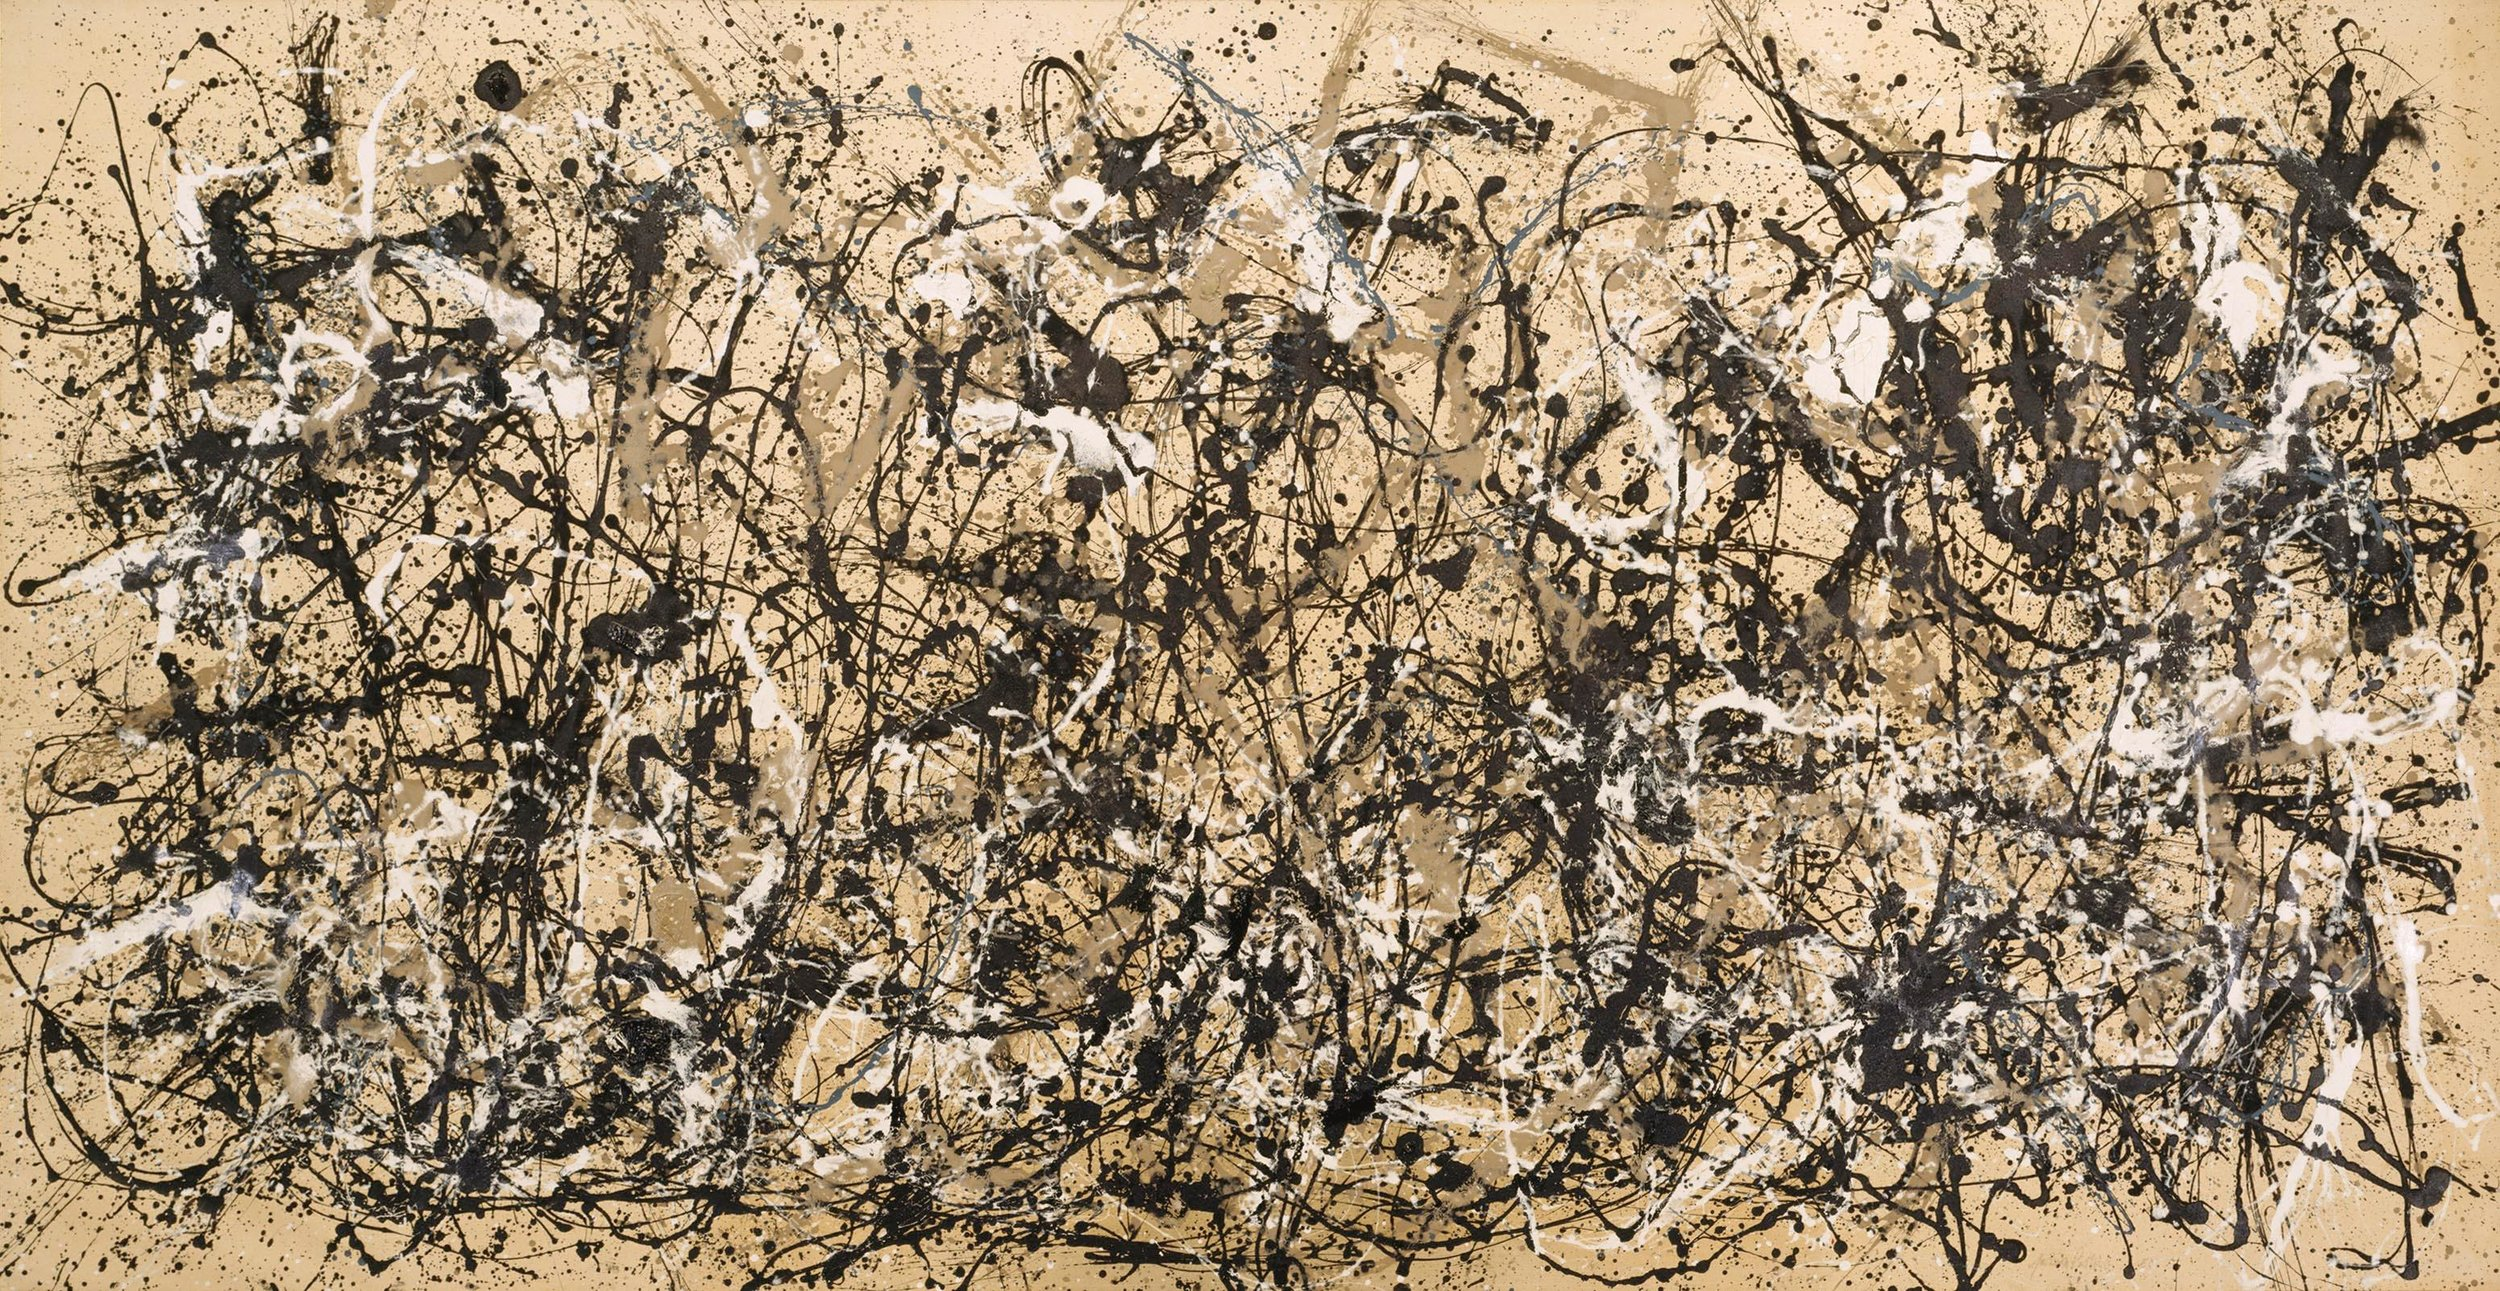 Jackson Pollock, Autumn Rhythm (#30), 1950, enamel on canvas